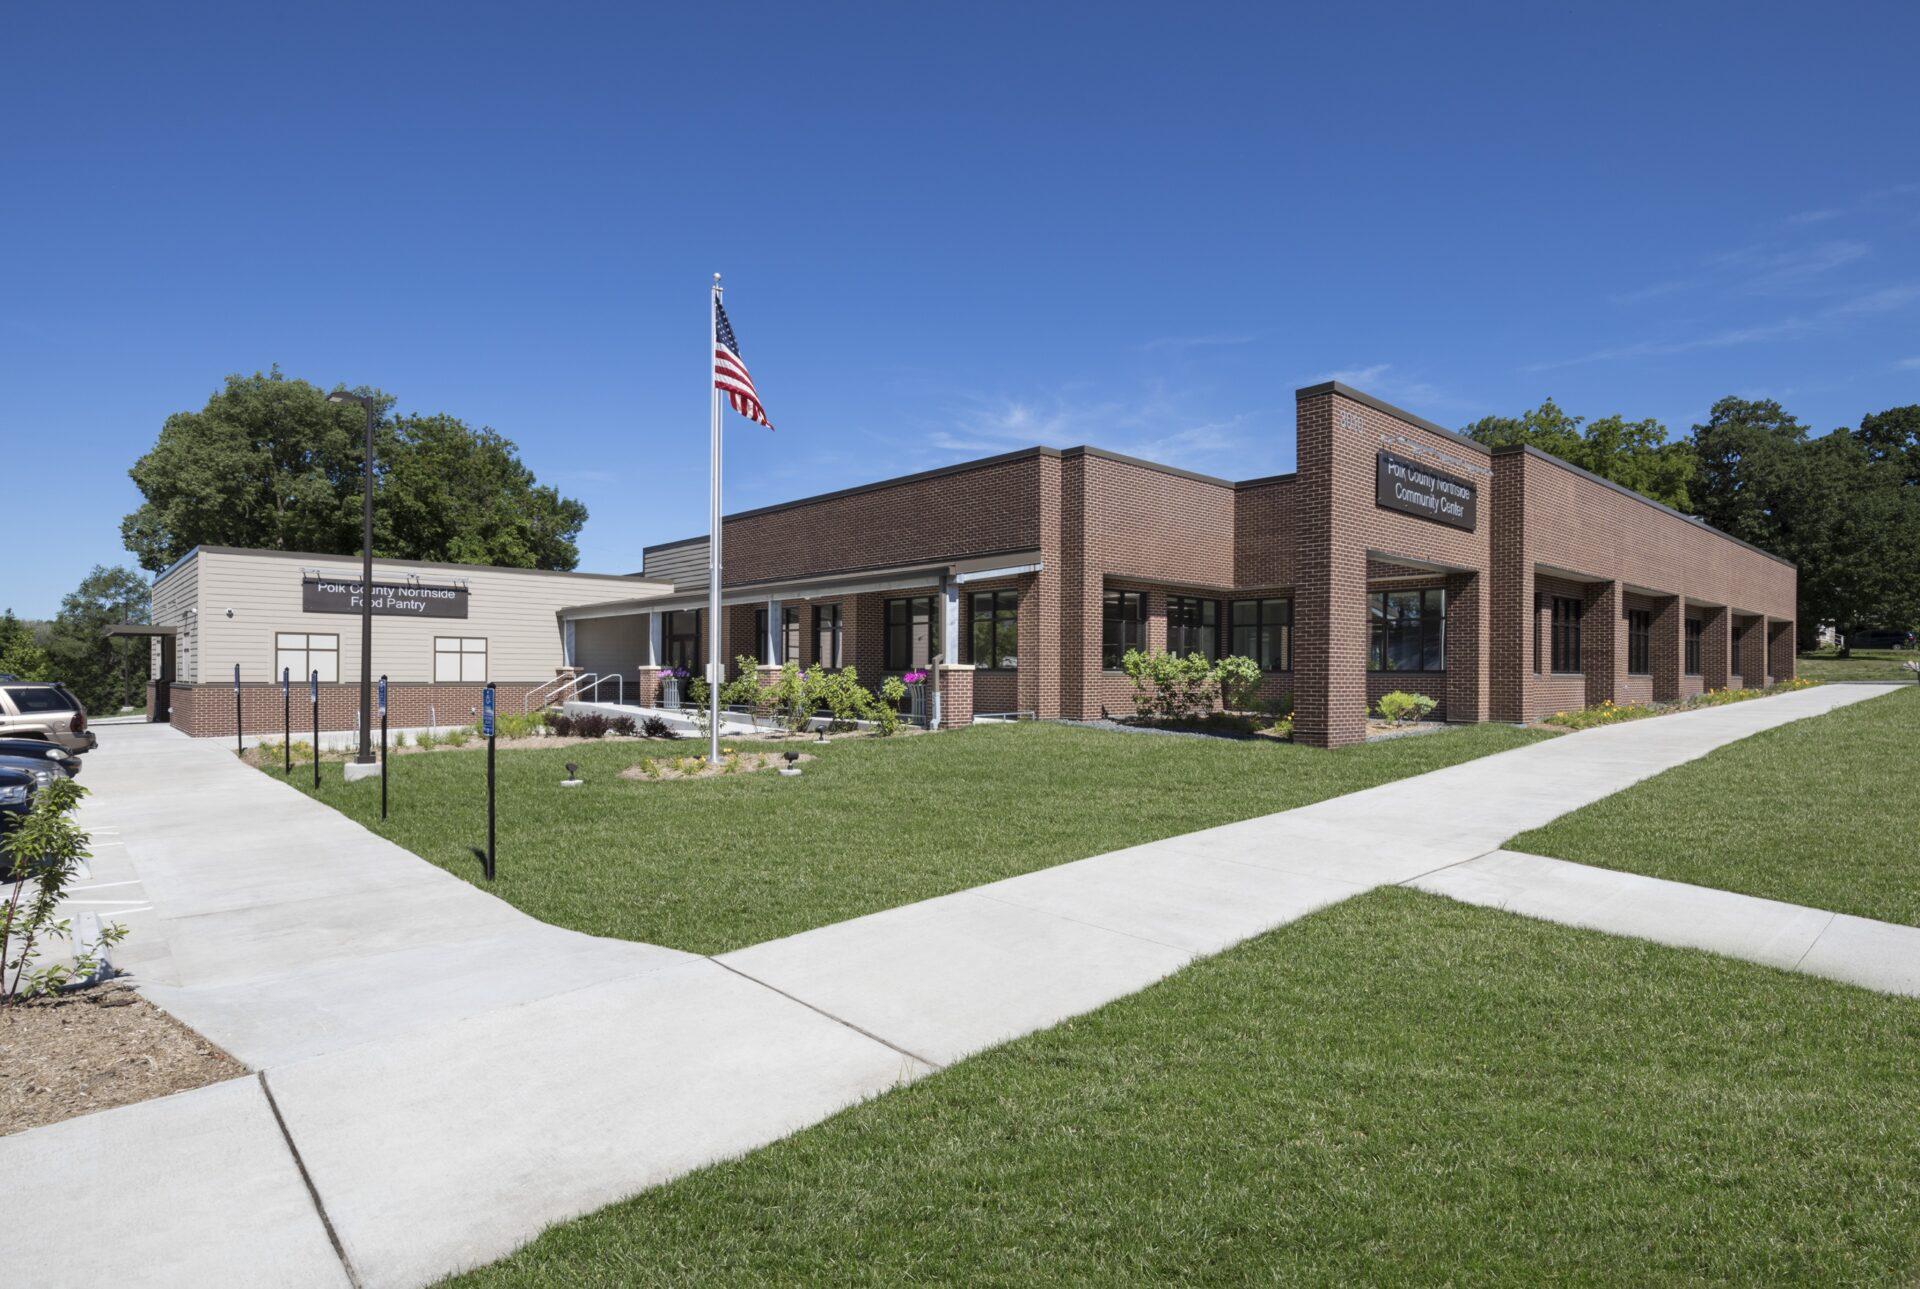 Dallas Center Iowa Building Permits